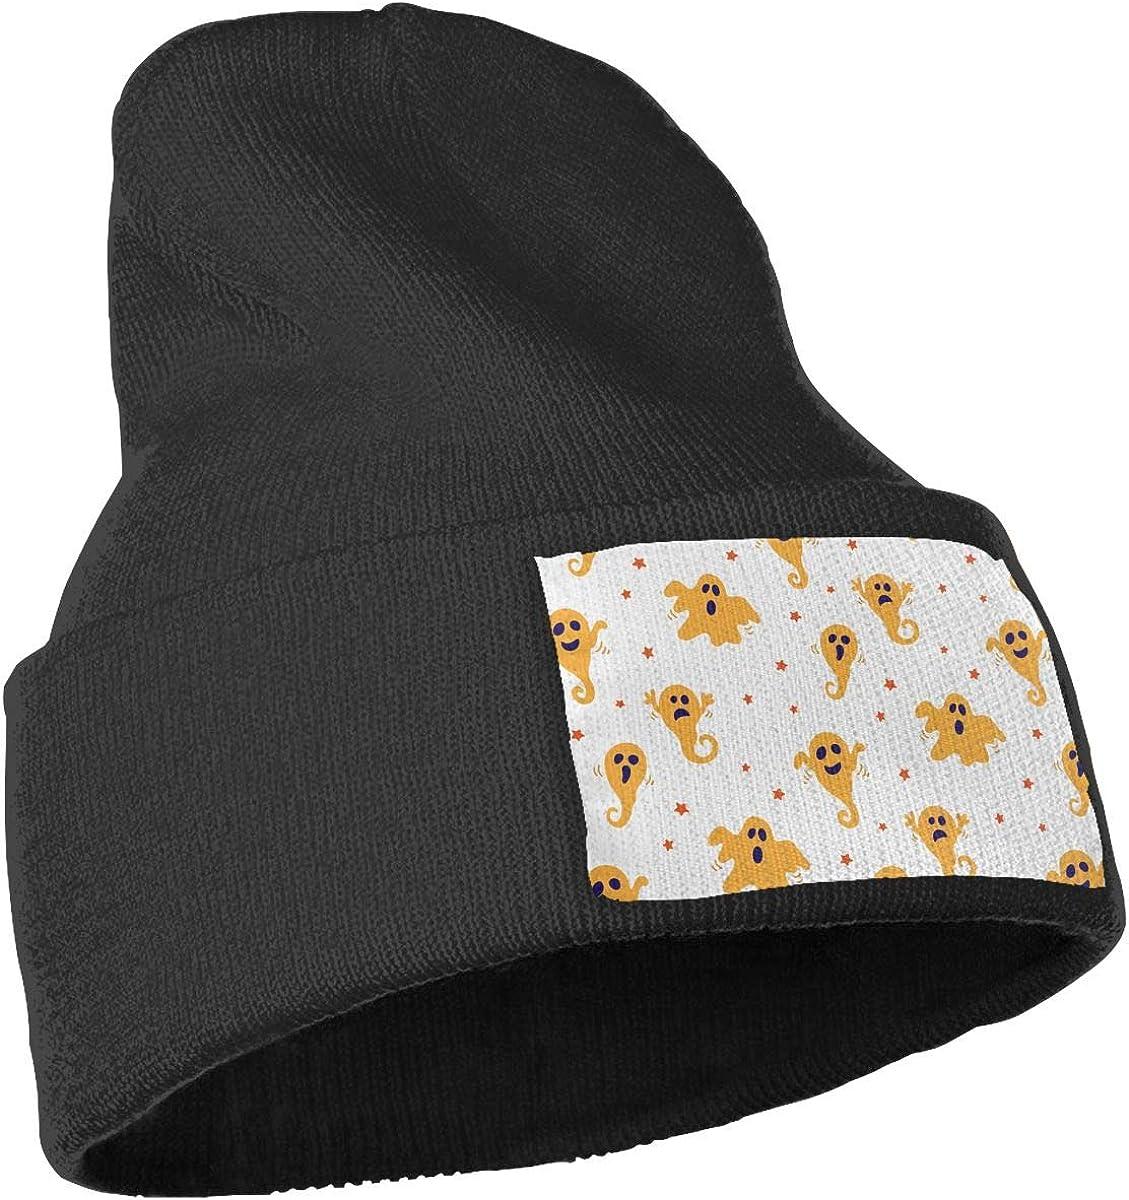 Z-YY Orange Ghost Unisex Winter Knitting Woolen Hat Warm Cap